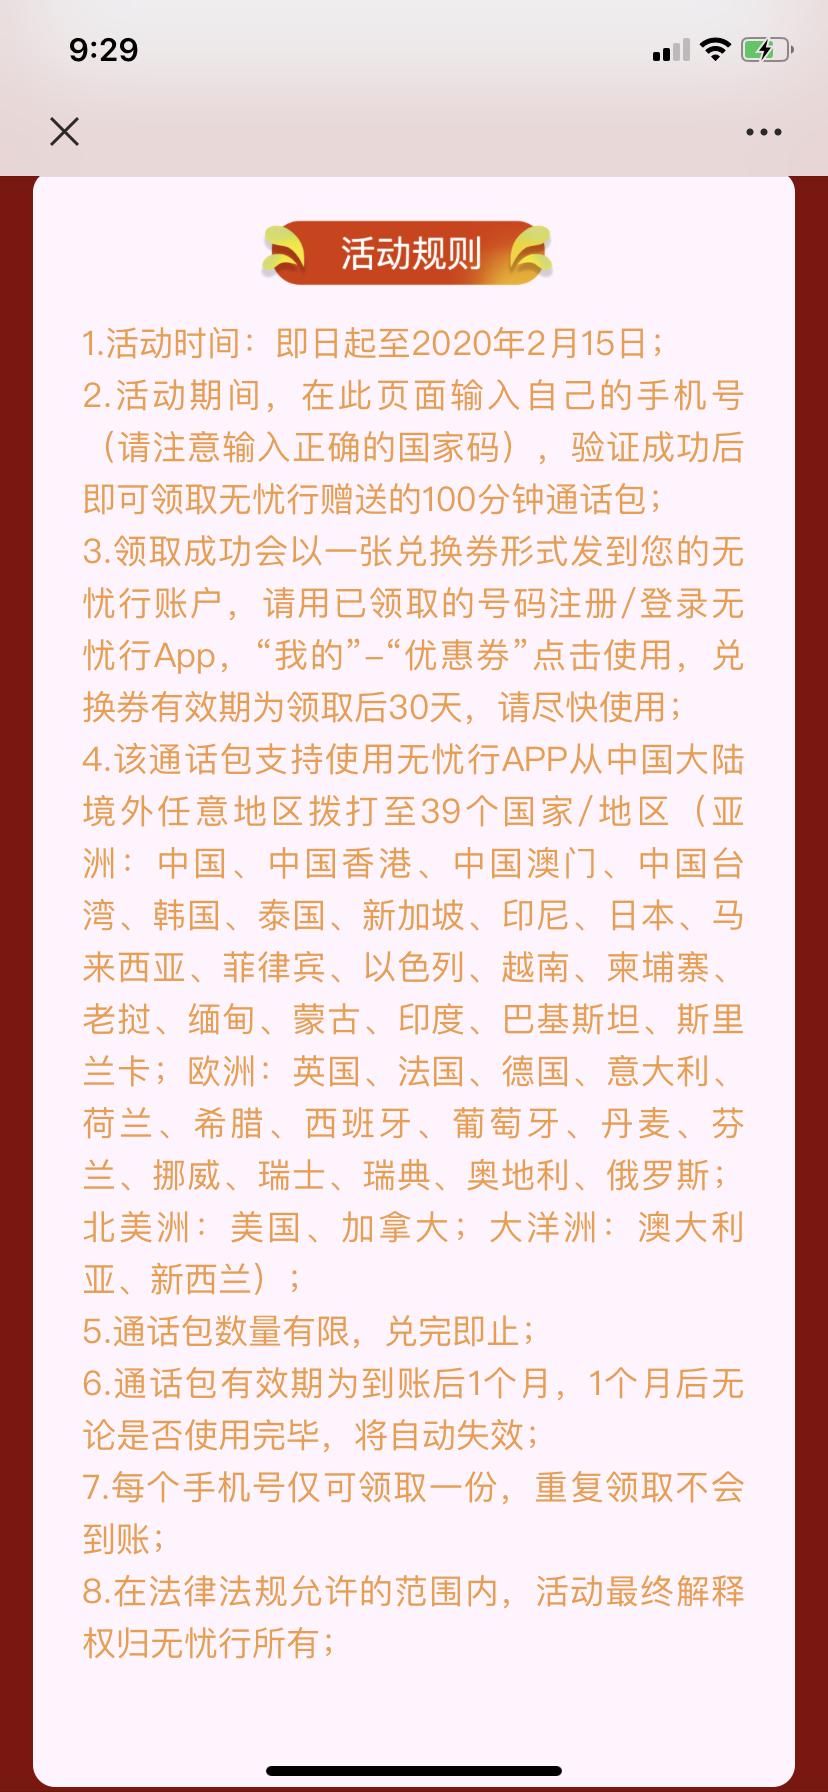 """无忧行""""为武汉祈福,为中国加油"""" 送100分钟语音包"""